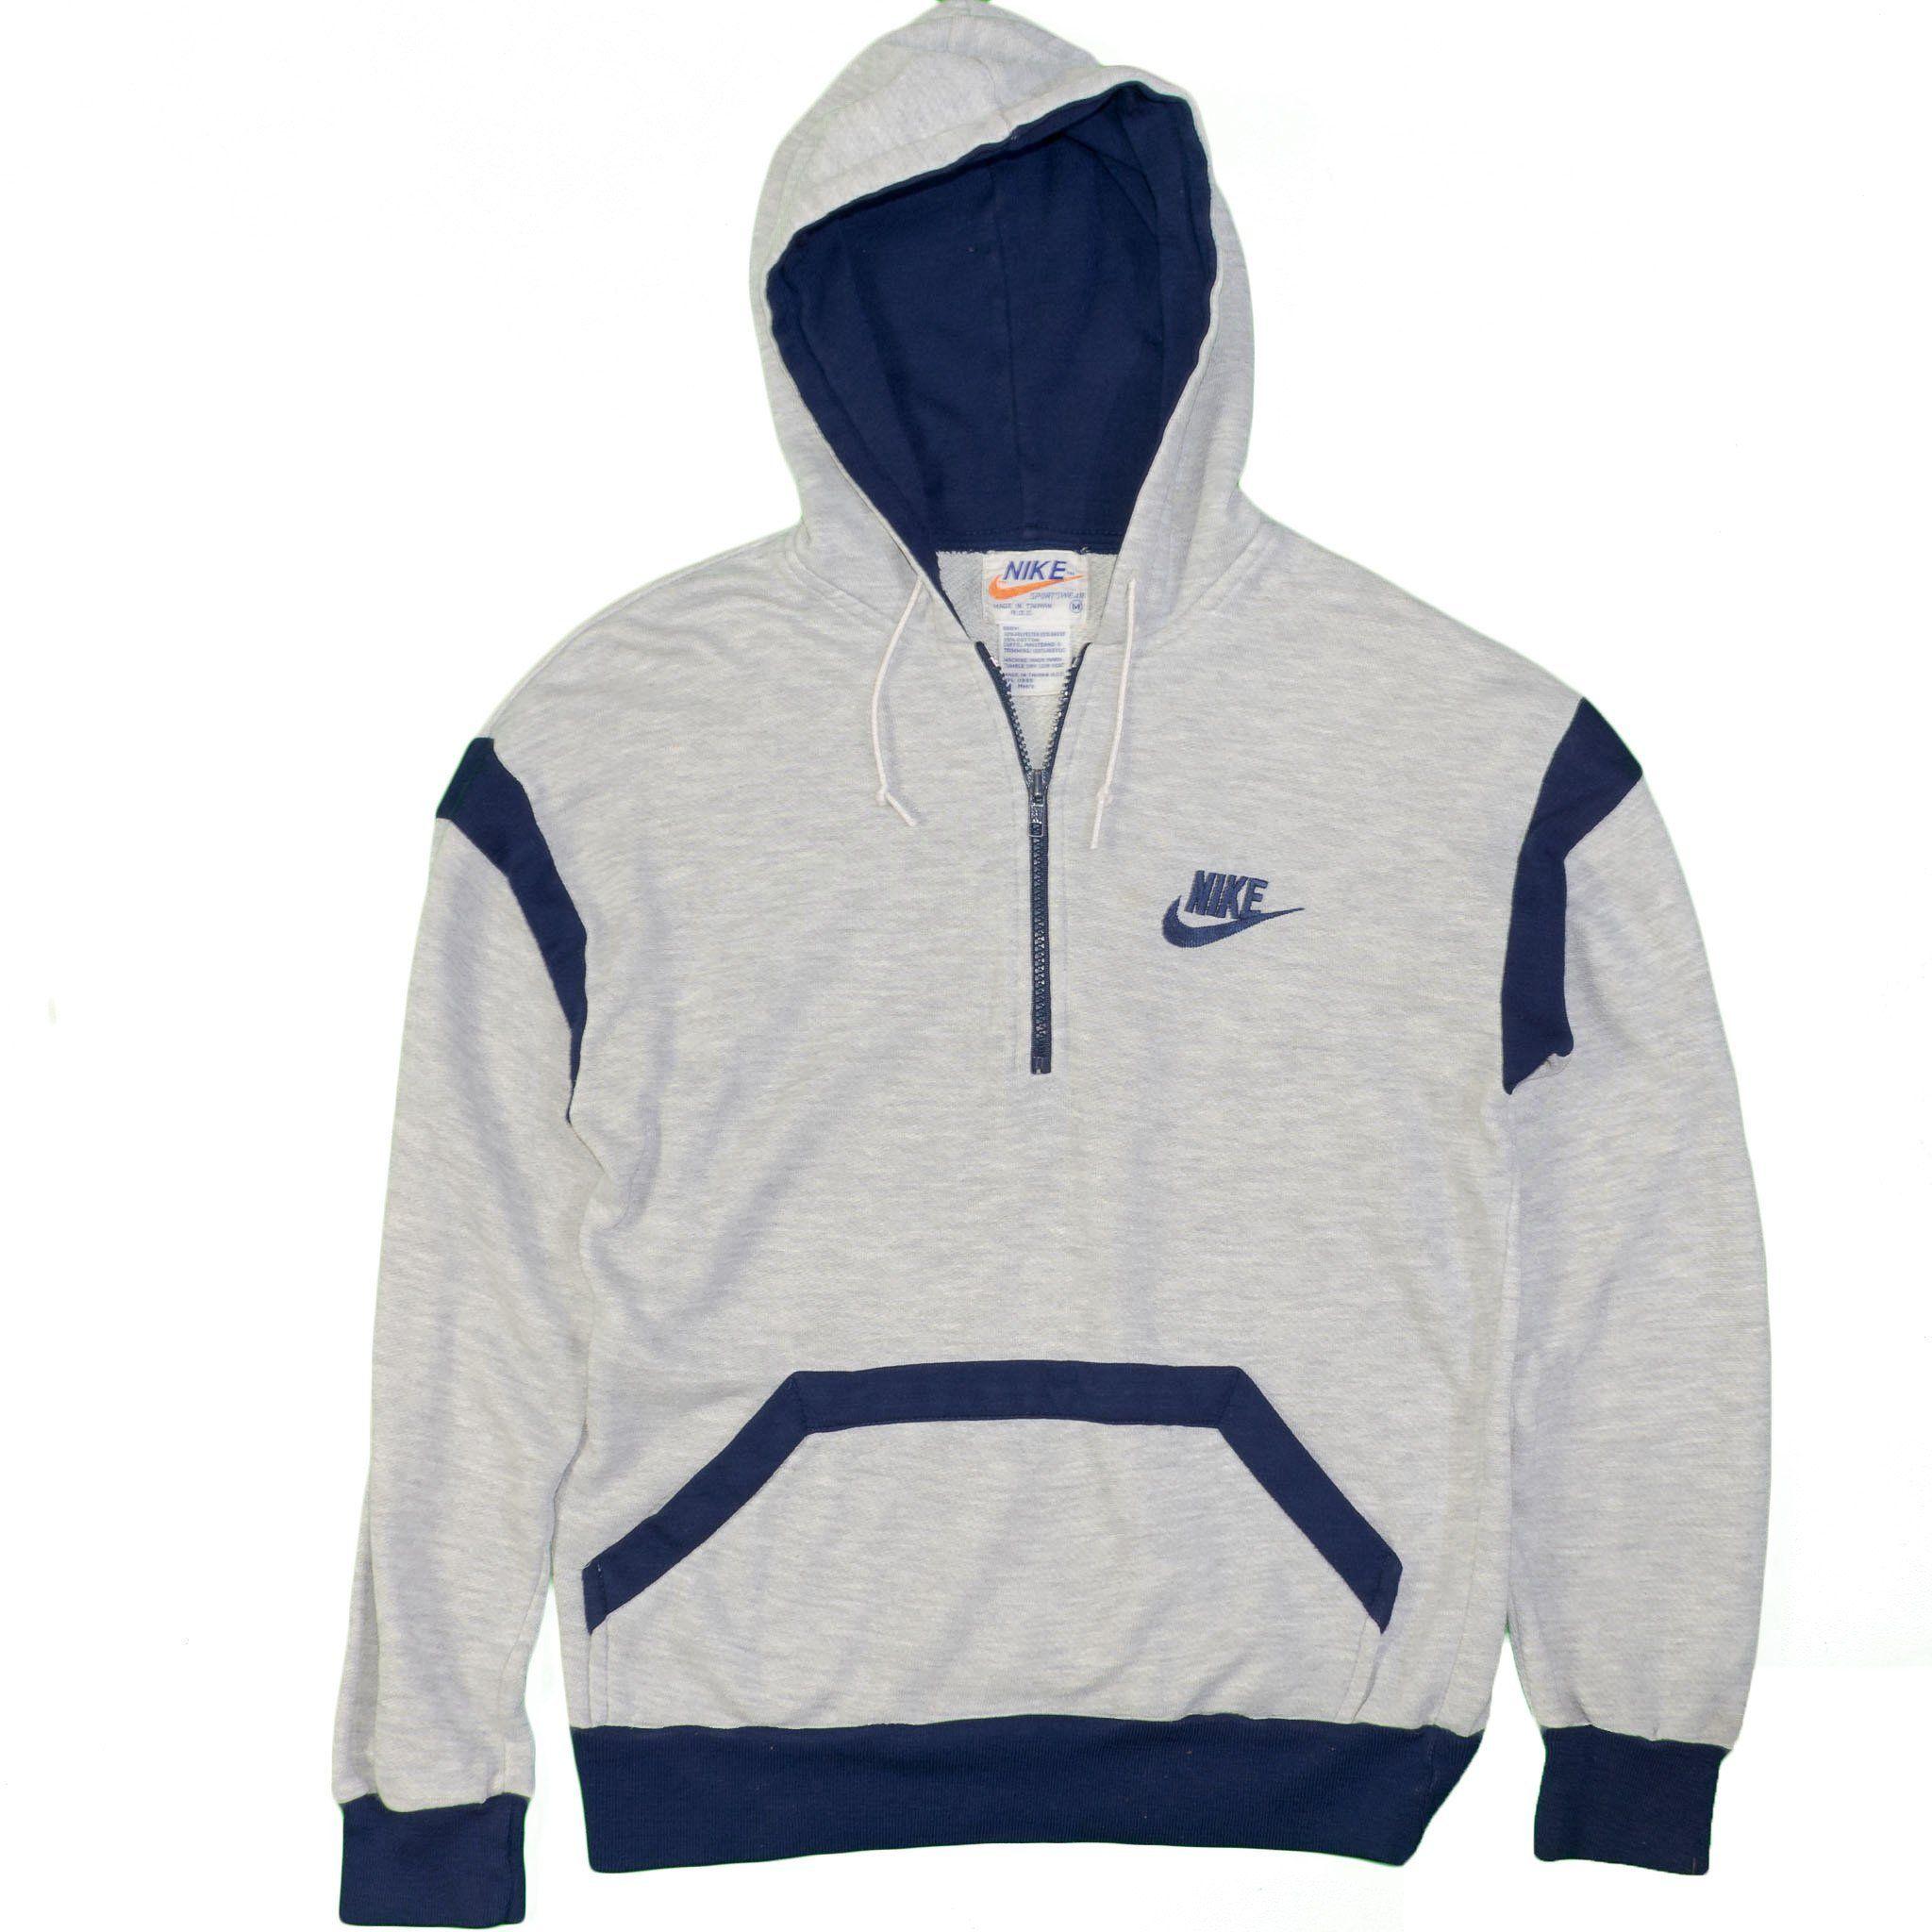 Vintage Nike Hoodie Sweatshirt 70 S 80 S Vintage Gray Medium 1 4 Zip Long Sleeve Itisvintage Nike Nikespo Sweatshirts Vintage Nike Sweatshirt Vintage Nike [ 2048 x 2048 Pixel ]